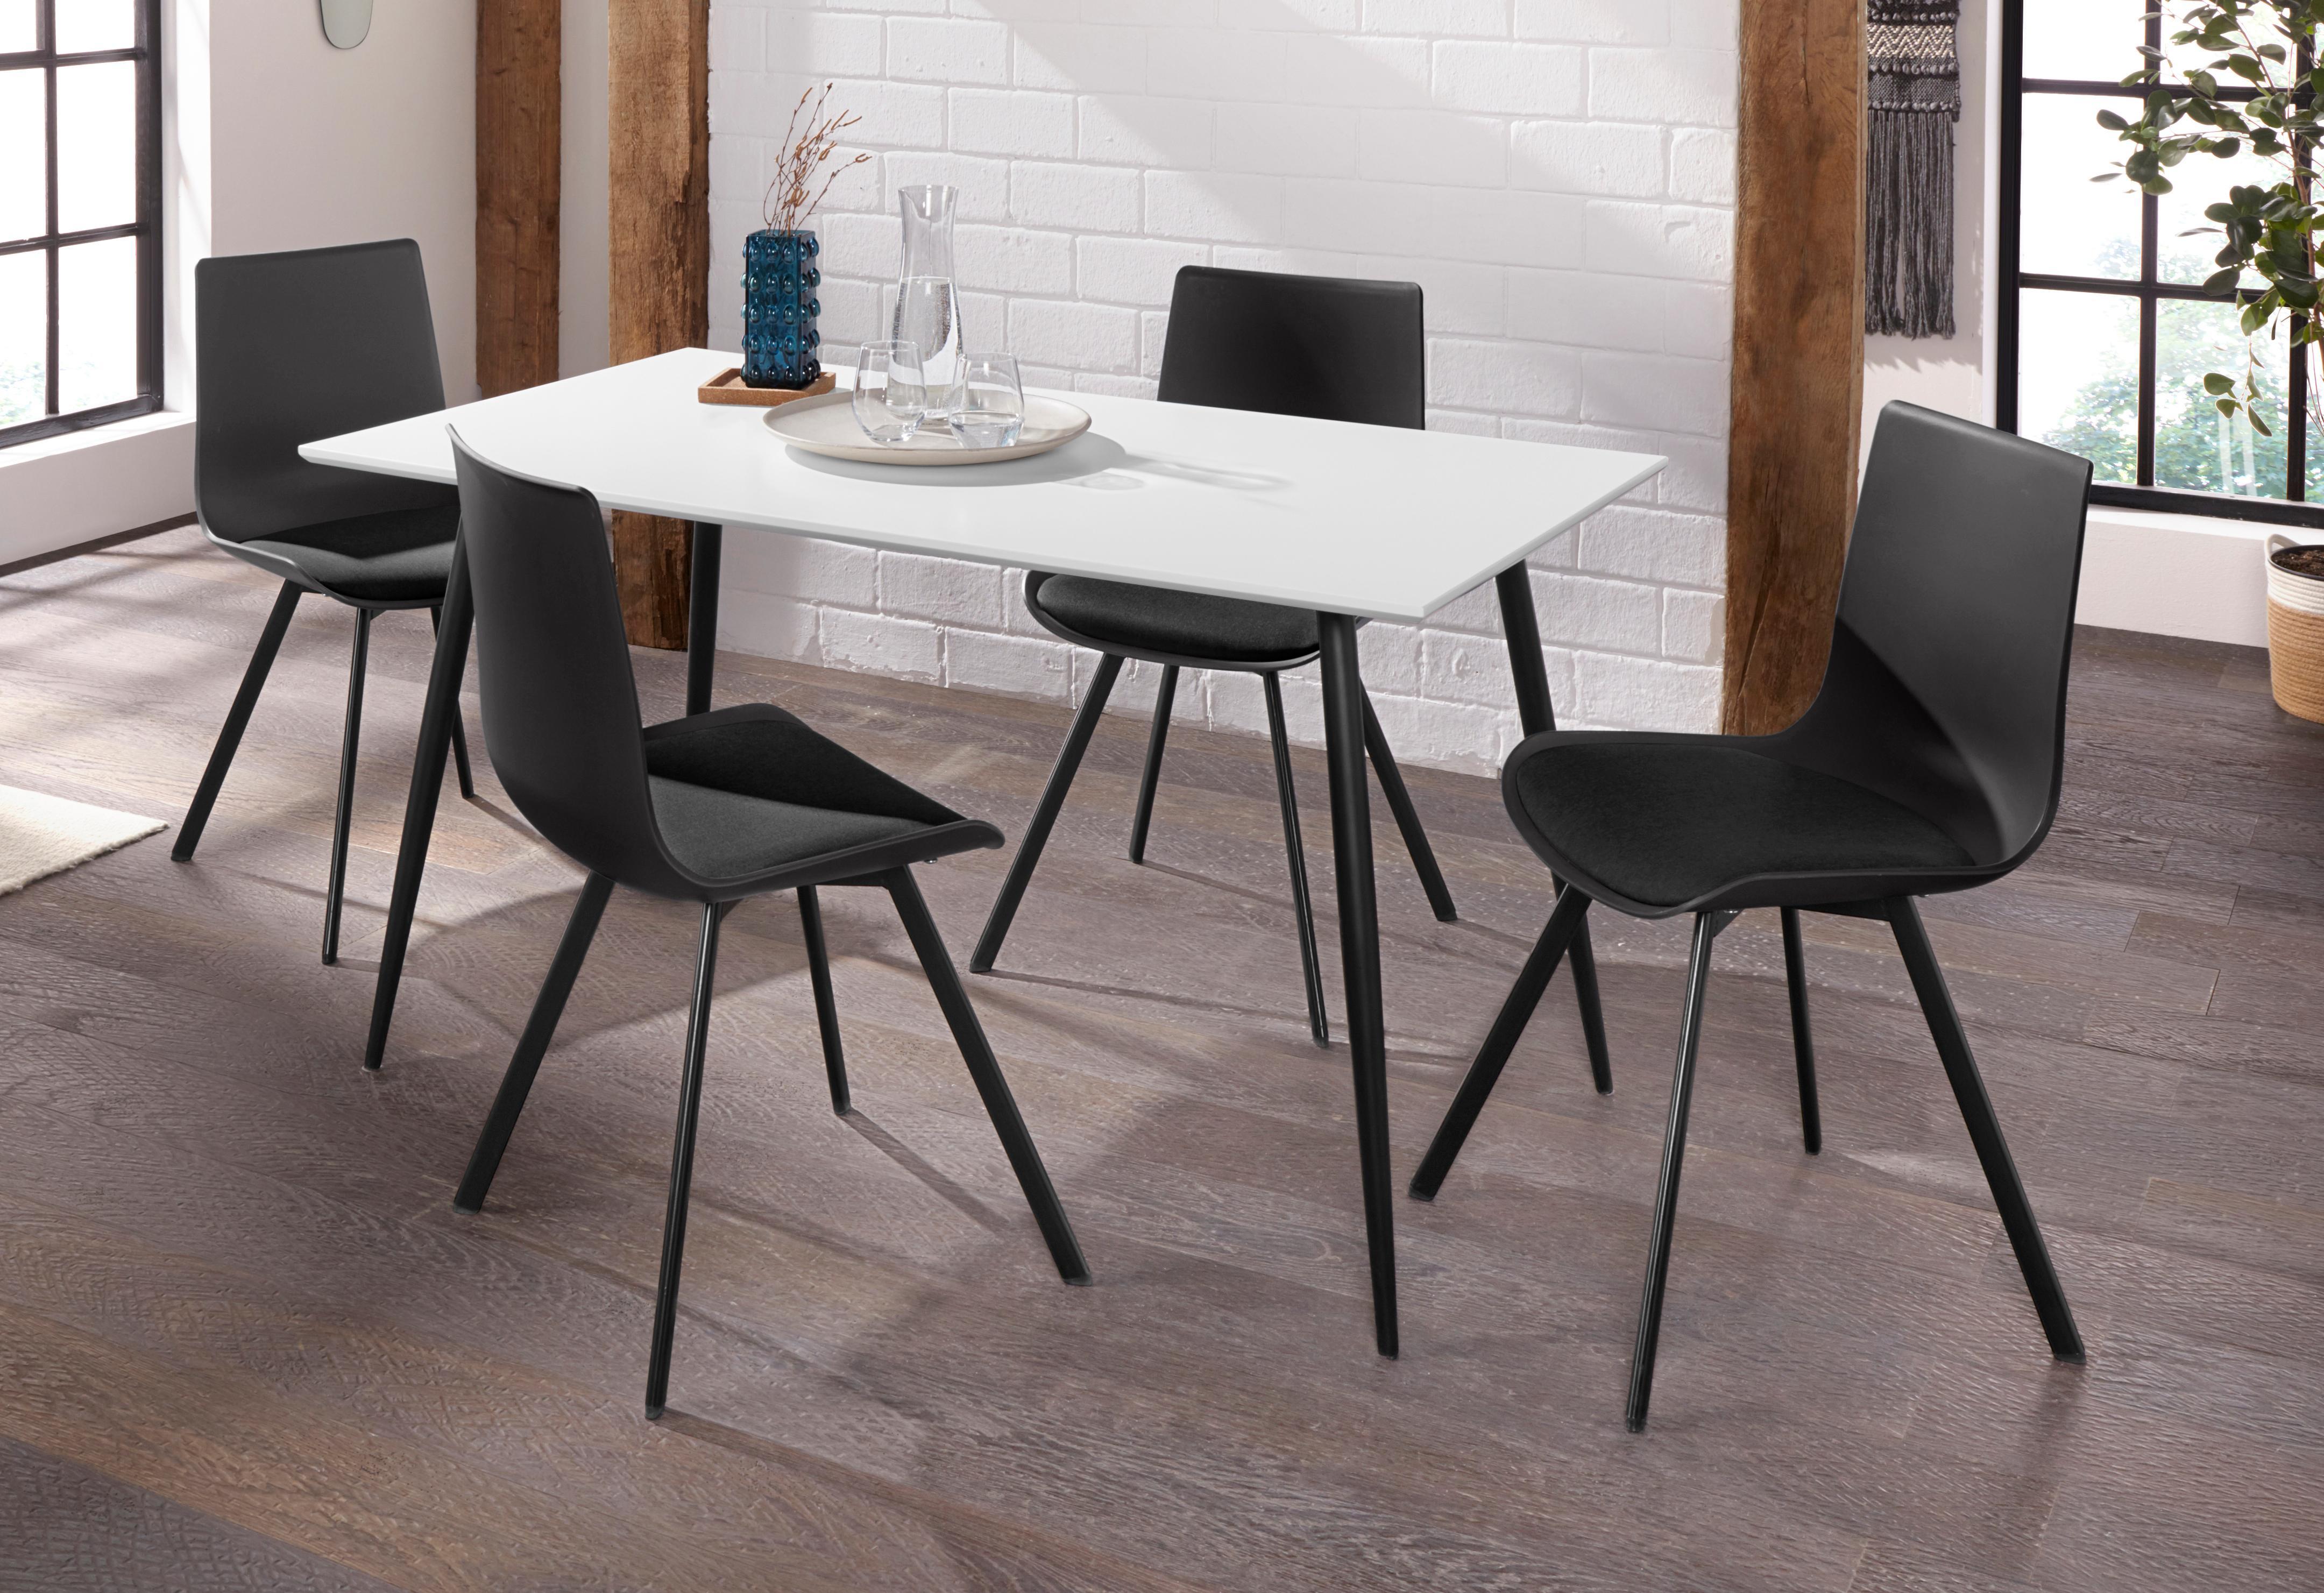 Essgruppe Dino 1 - Lucky mit Esstisch Breite 140 cm und 4 Stühlen